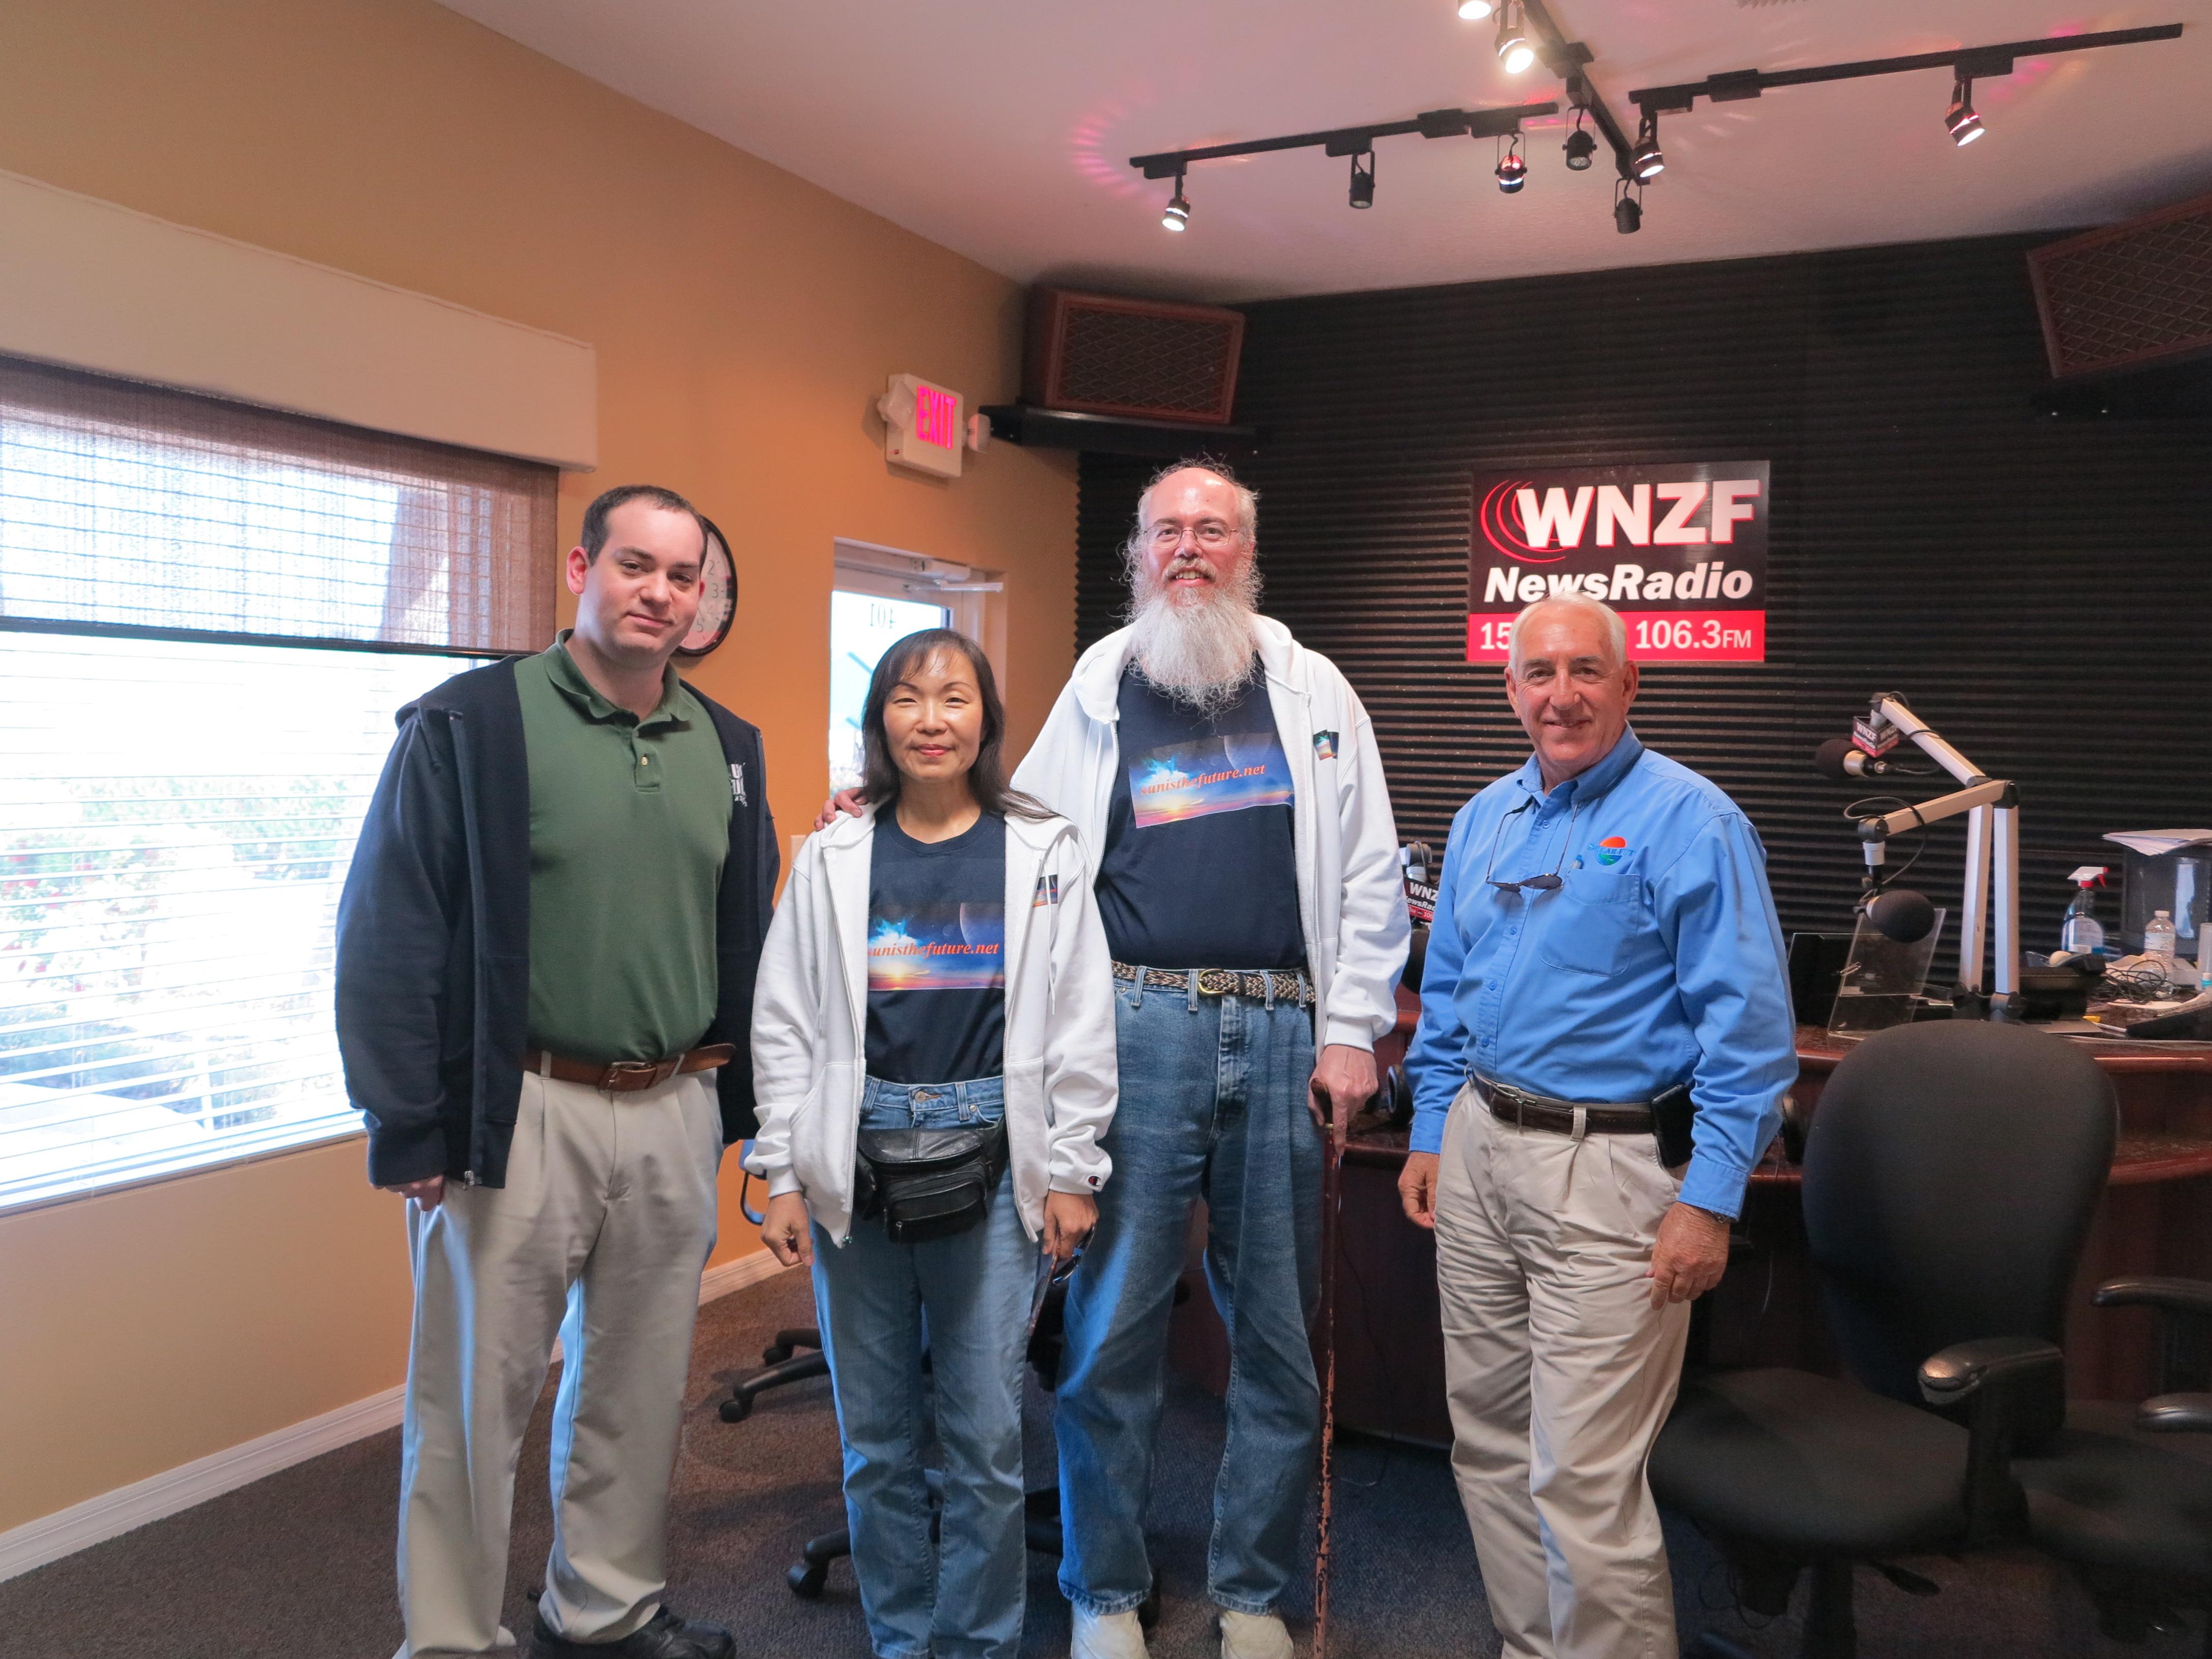 Bill Gallagher WNZF NewsRadio Sat 1030-1100